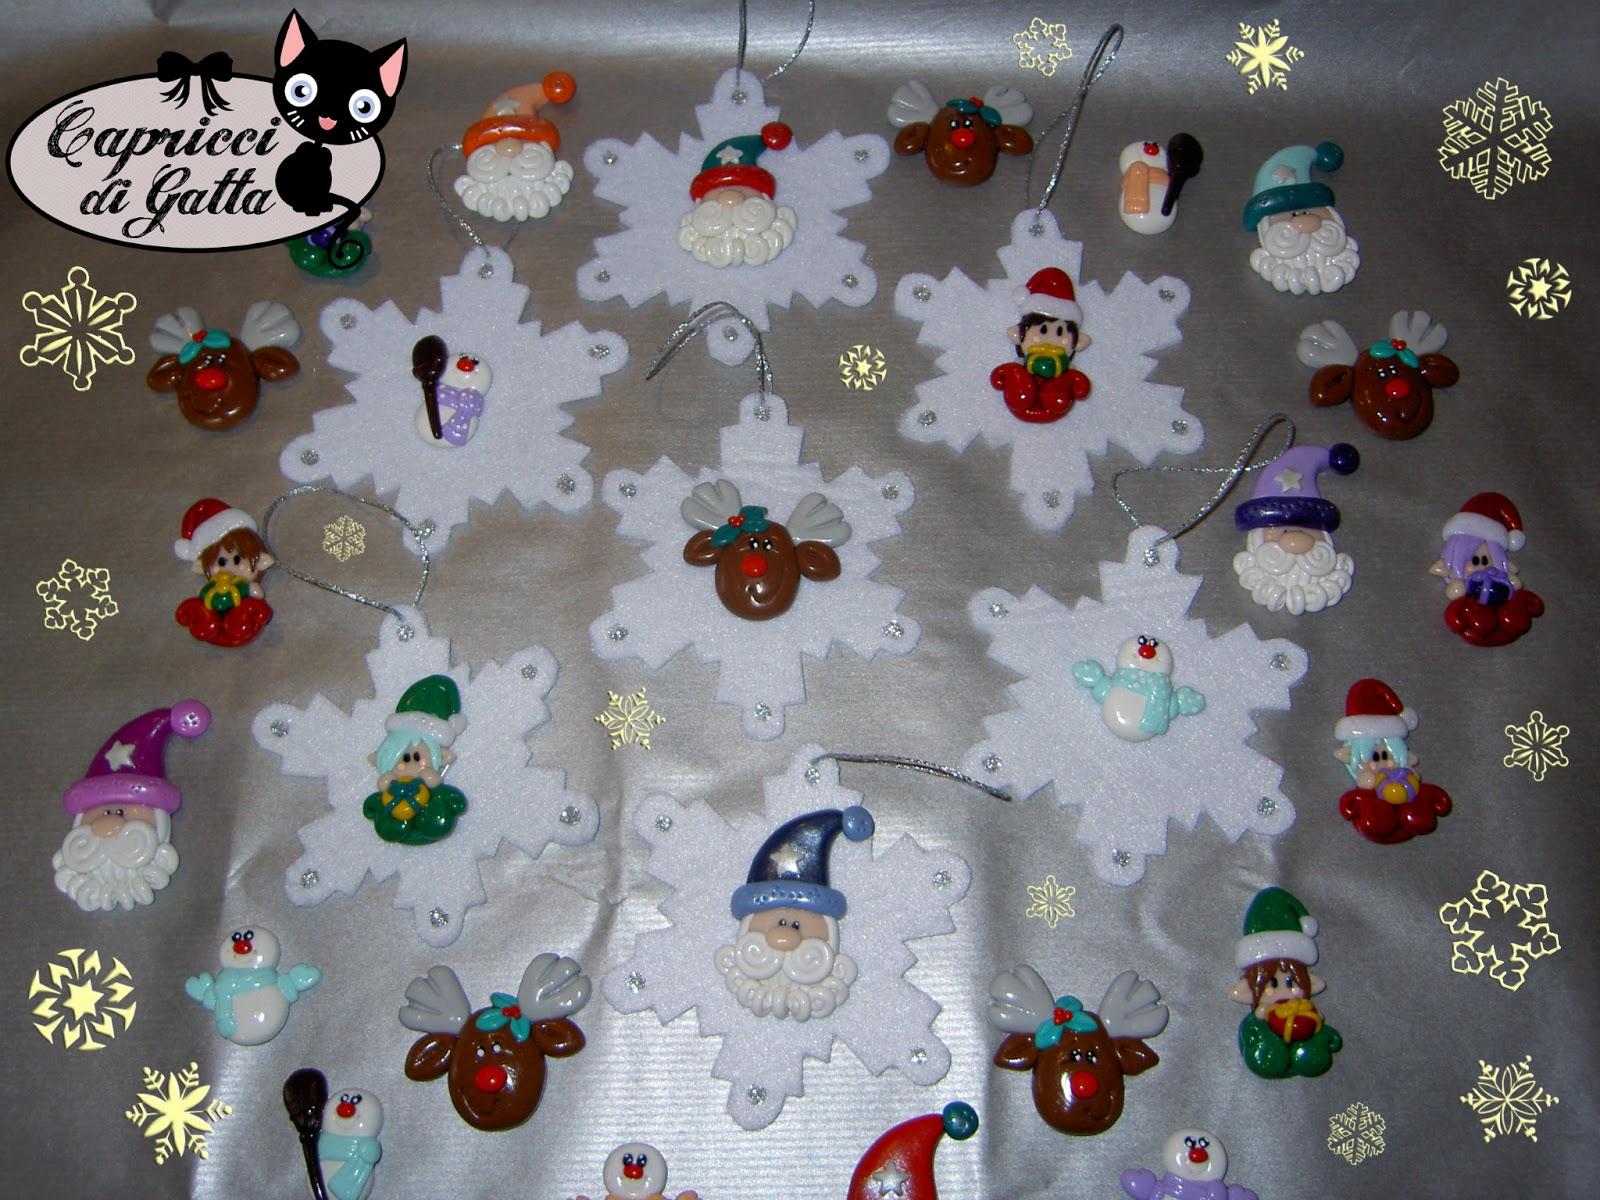 Capricci di gatta originali decorazioni per l 39 albero di for Creazioni di natale fatte a mano